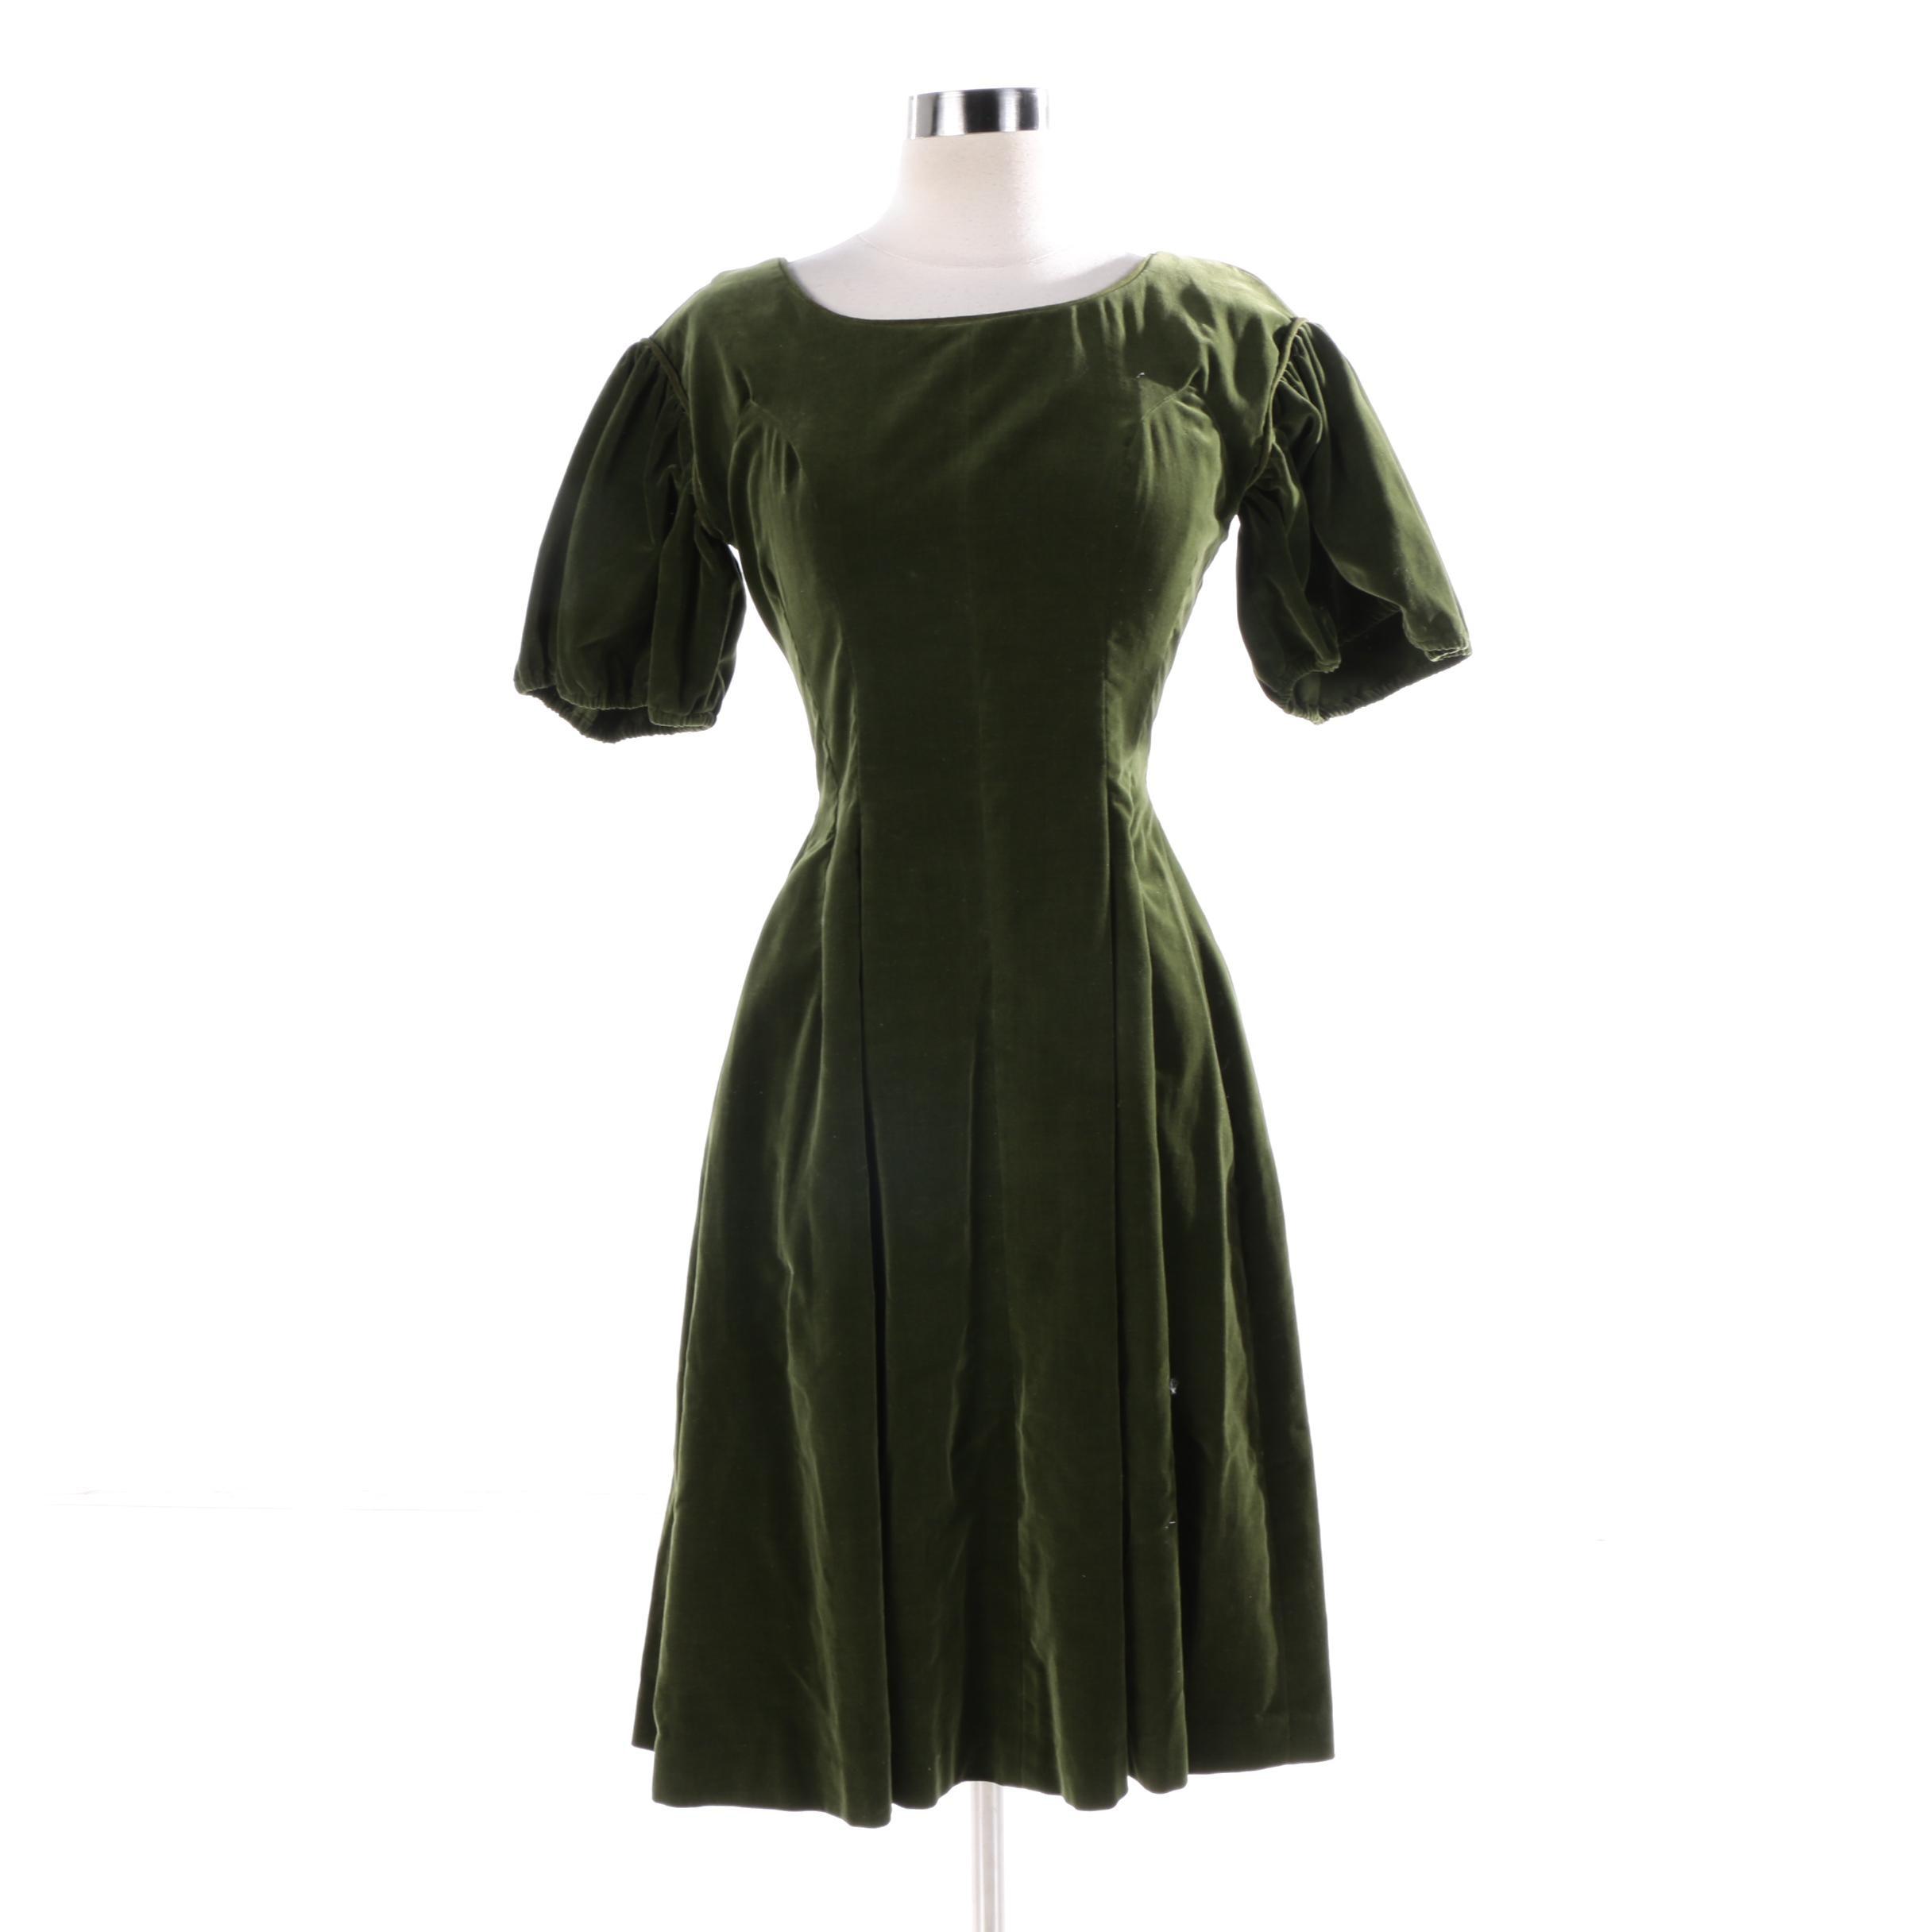 Vintage Handmade Olive Green Velvet Cocktail Dress